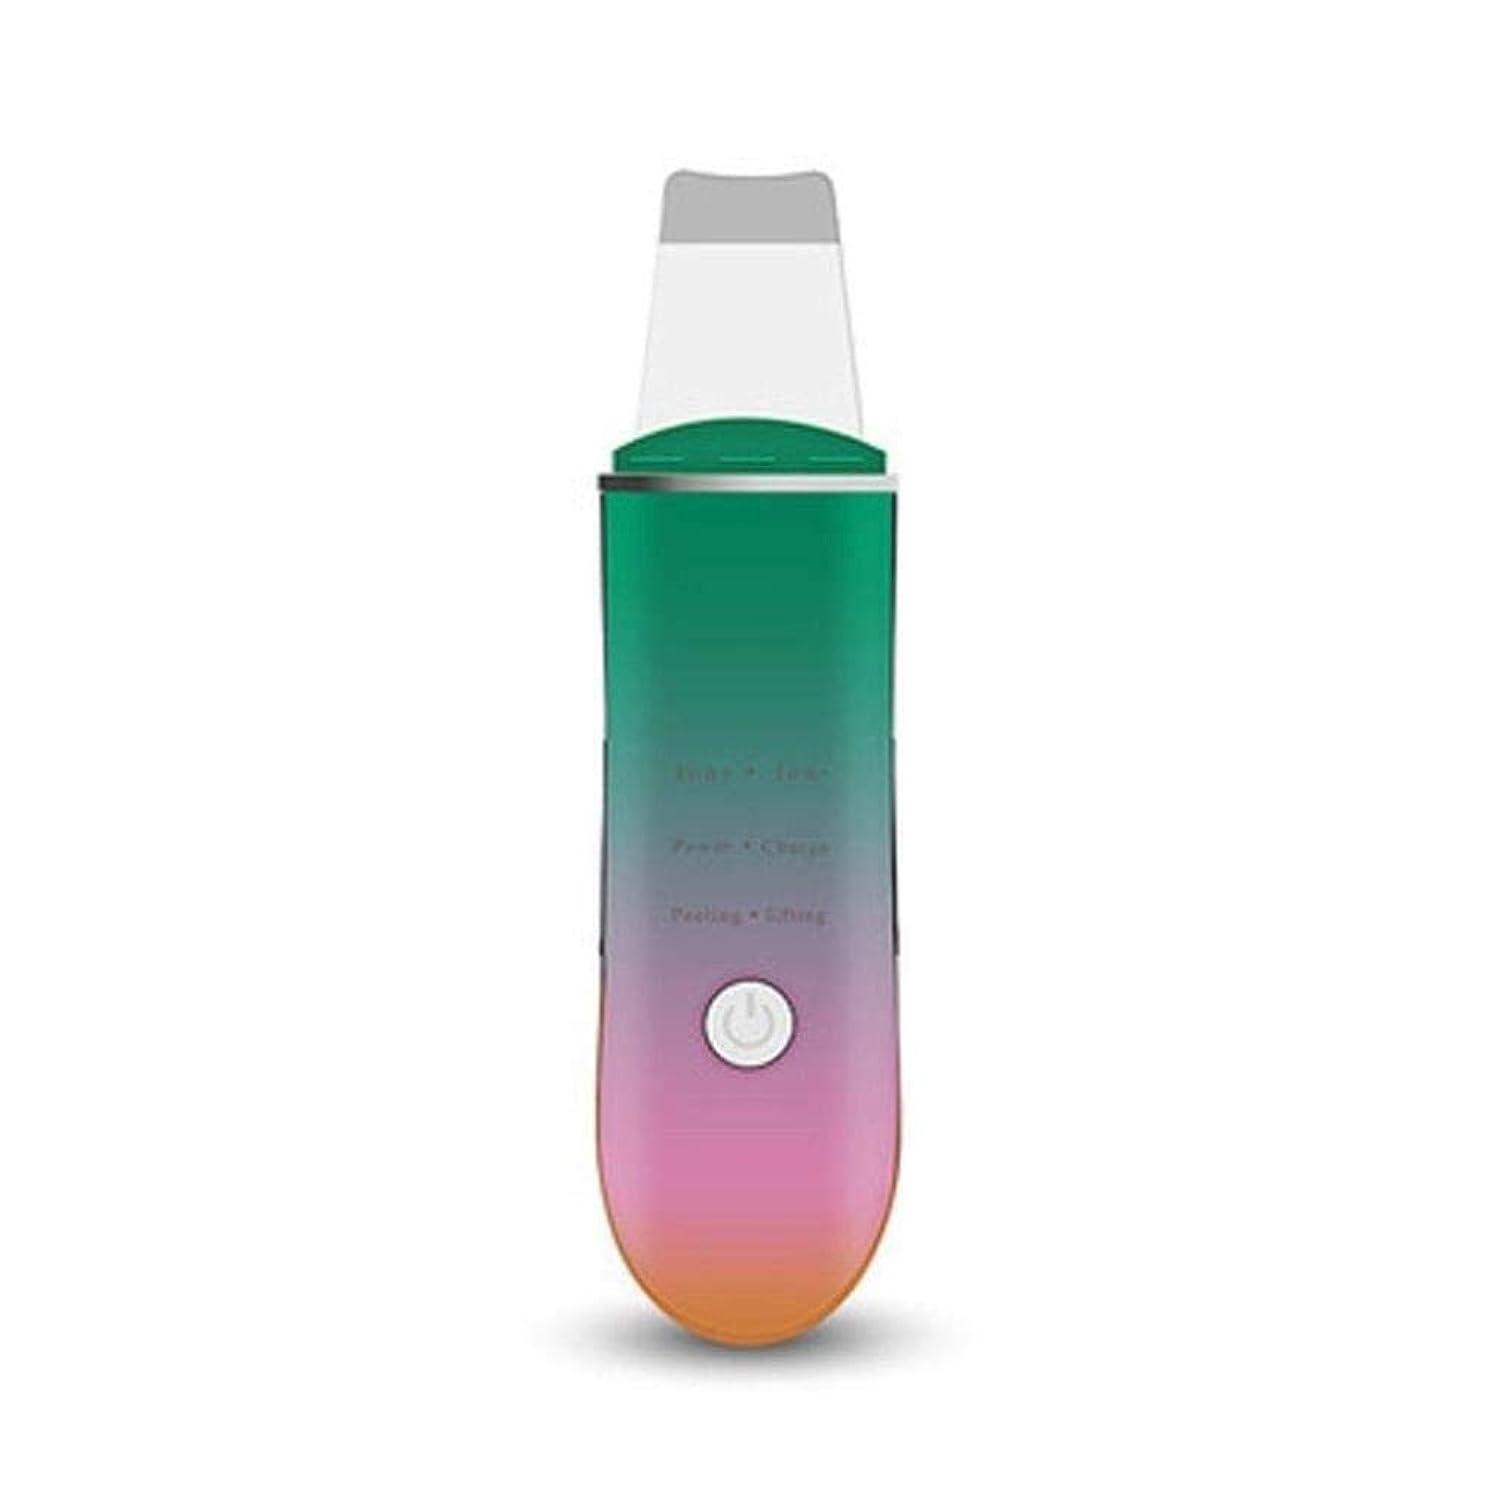 第九ベリーかわす黒ずみを除去するためのフェイシャルスキンスクラバーポータブル超音波フェイススクラバースキンケア剥離しわ除去機クリーナーフェイシャルビューティーデバイス (Color : A1)